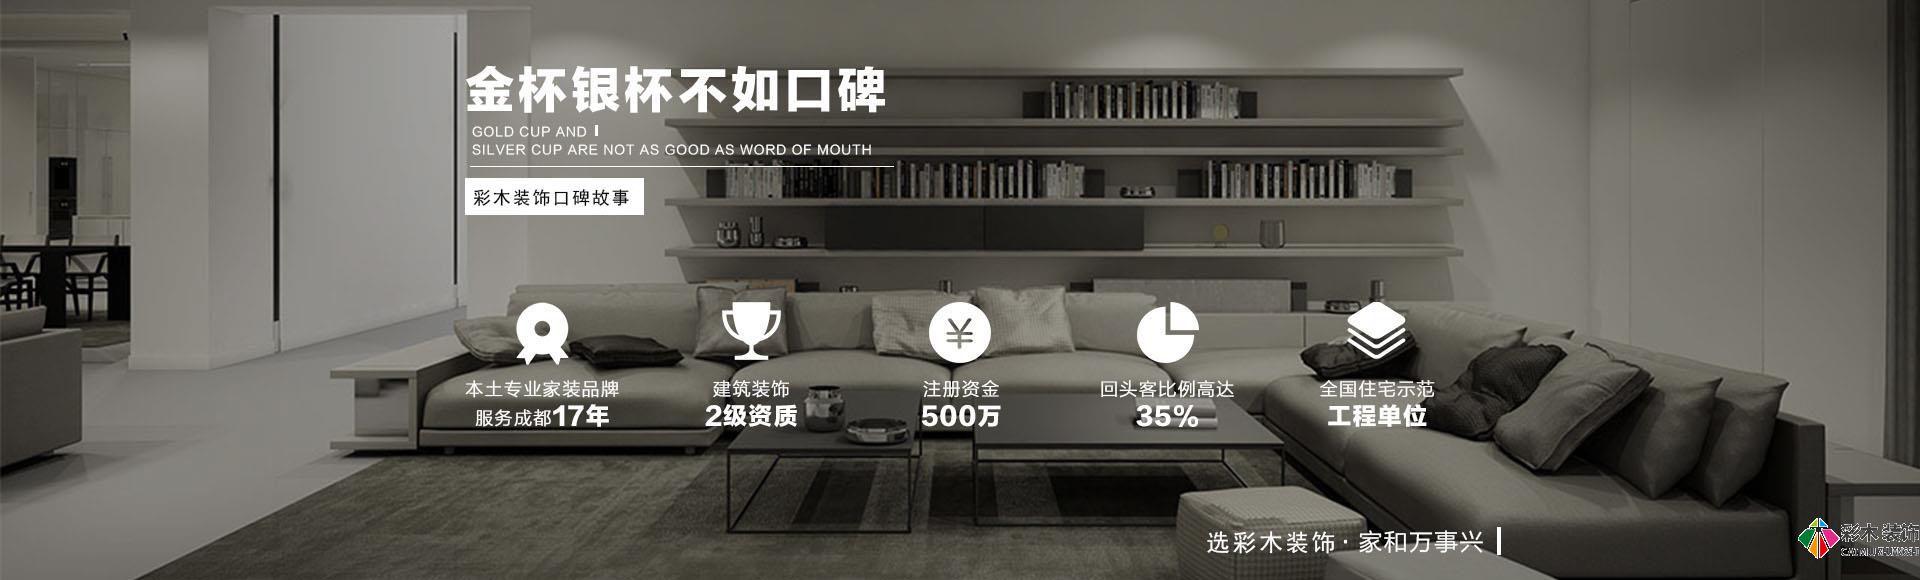 重庆贝博哪里可以下载装饰贝博app手机版室内设计...